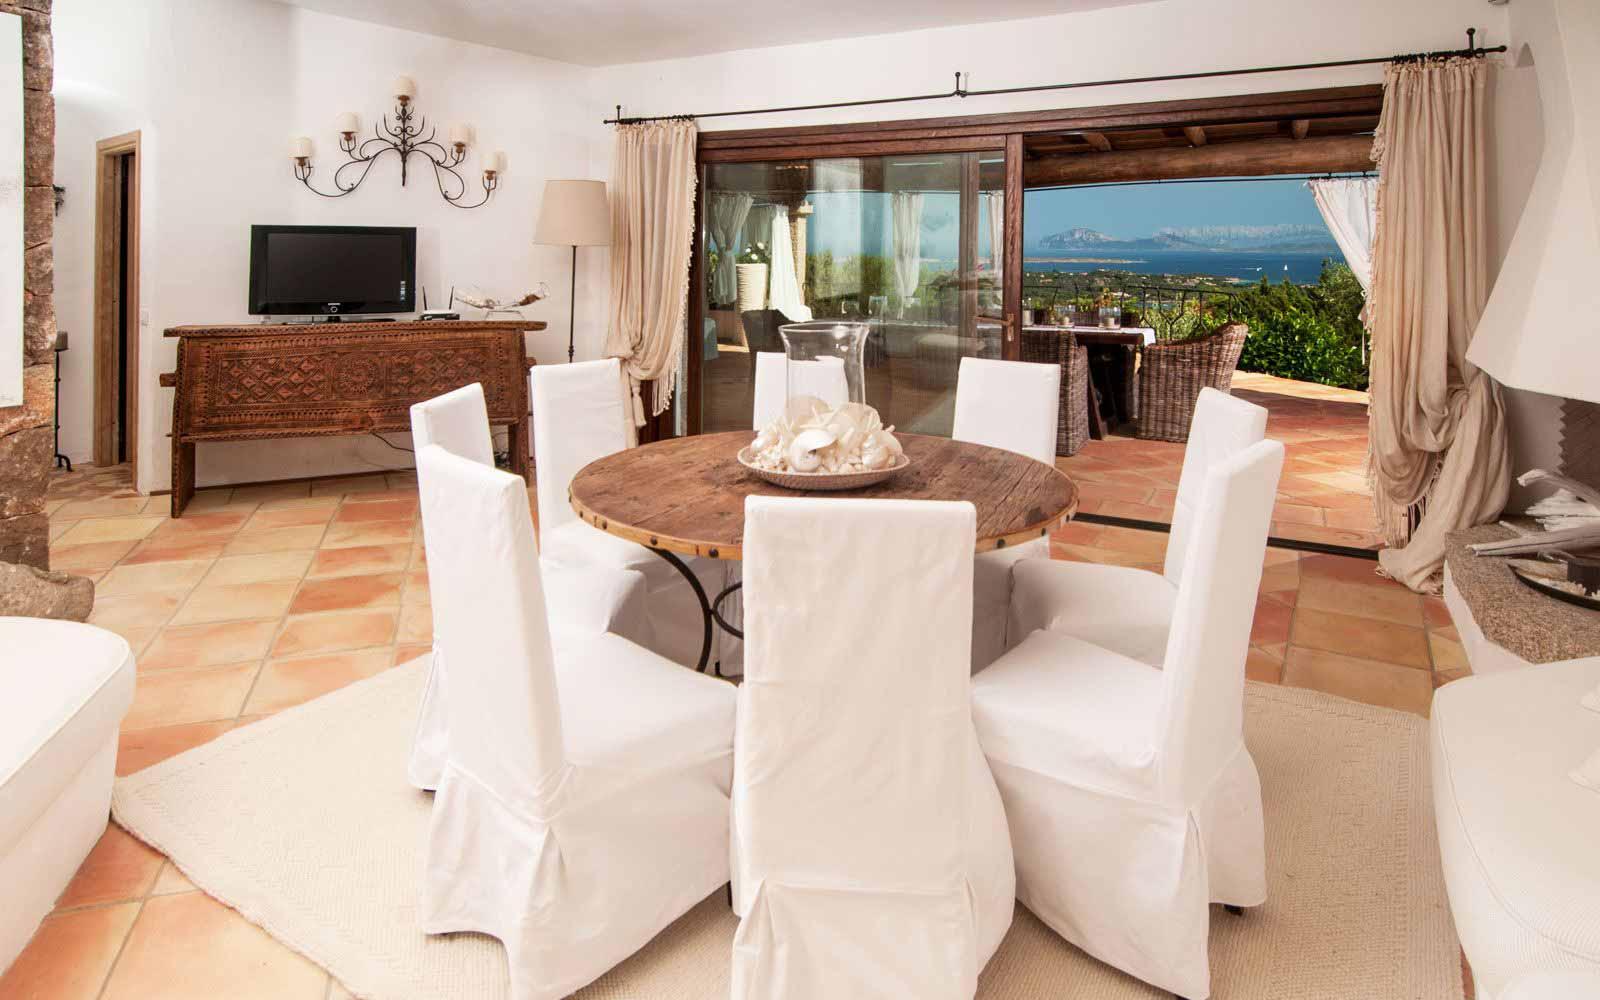 Villa Sole: room / property / locale photo. Image 6